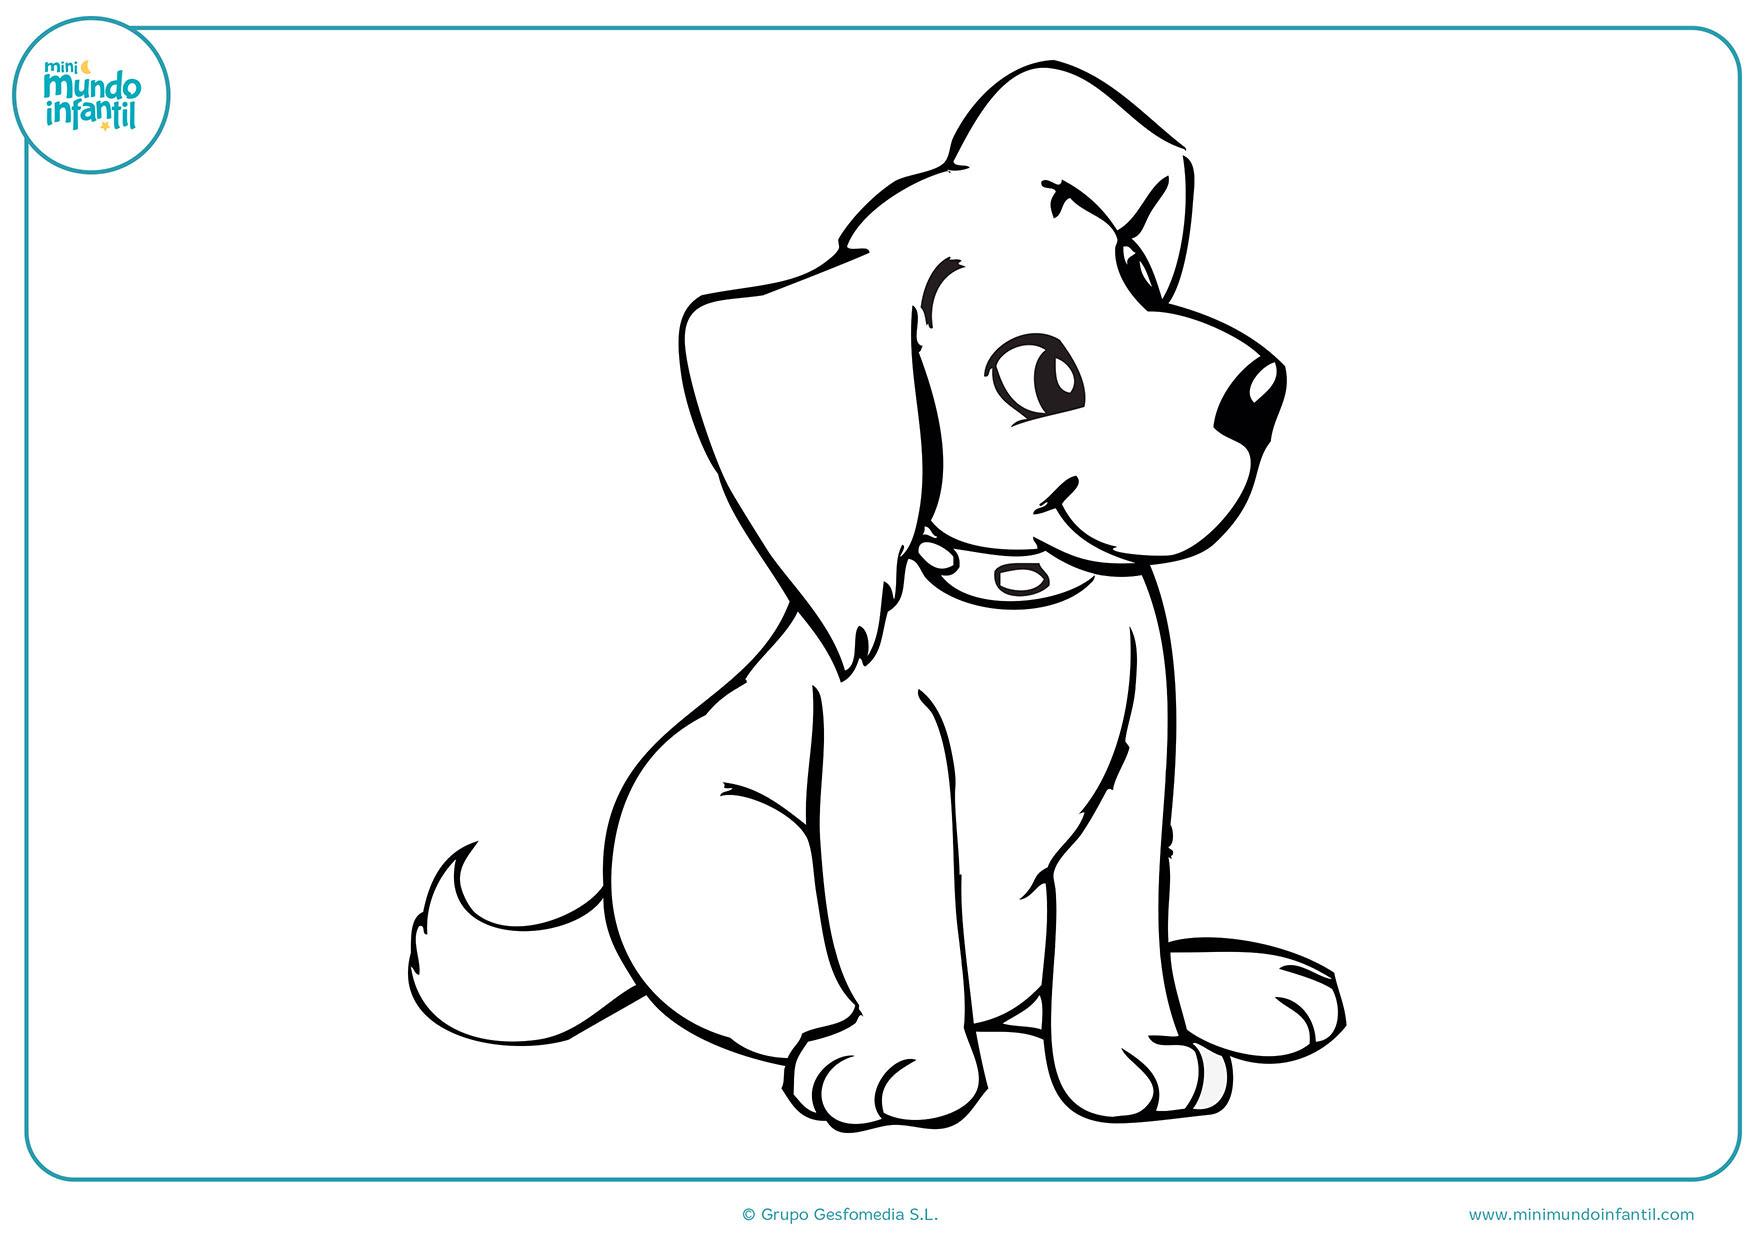 Imagenes Para Colorear De Perros. Perro Pug Dibujo Para